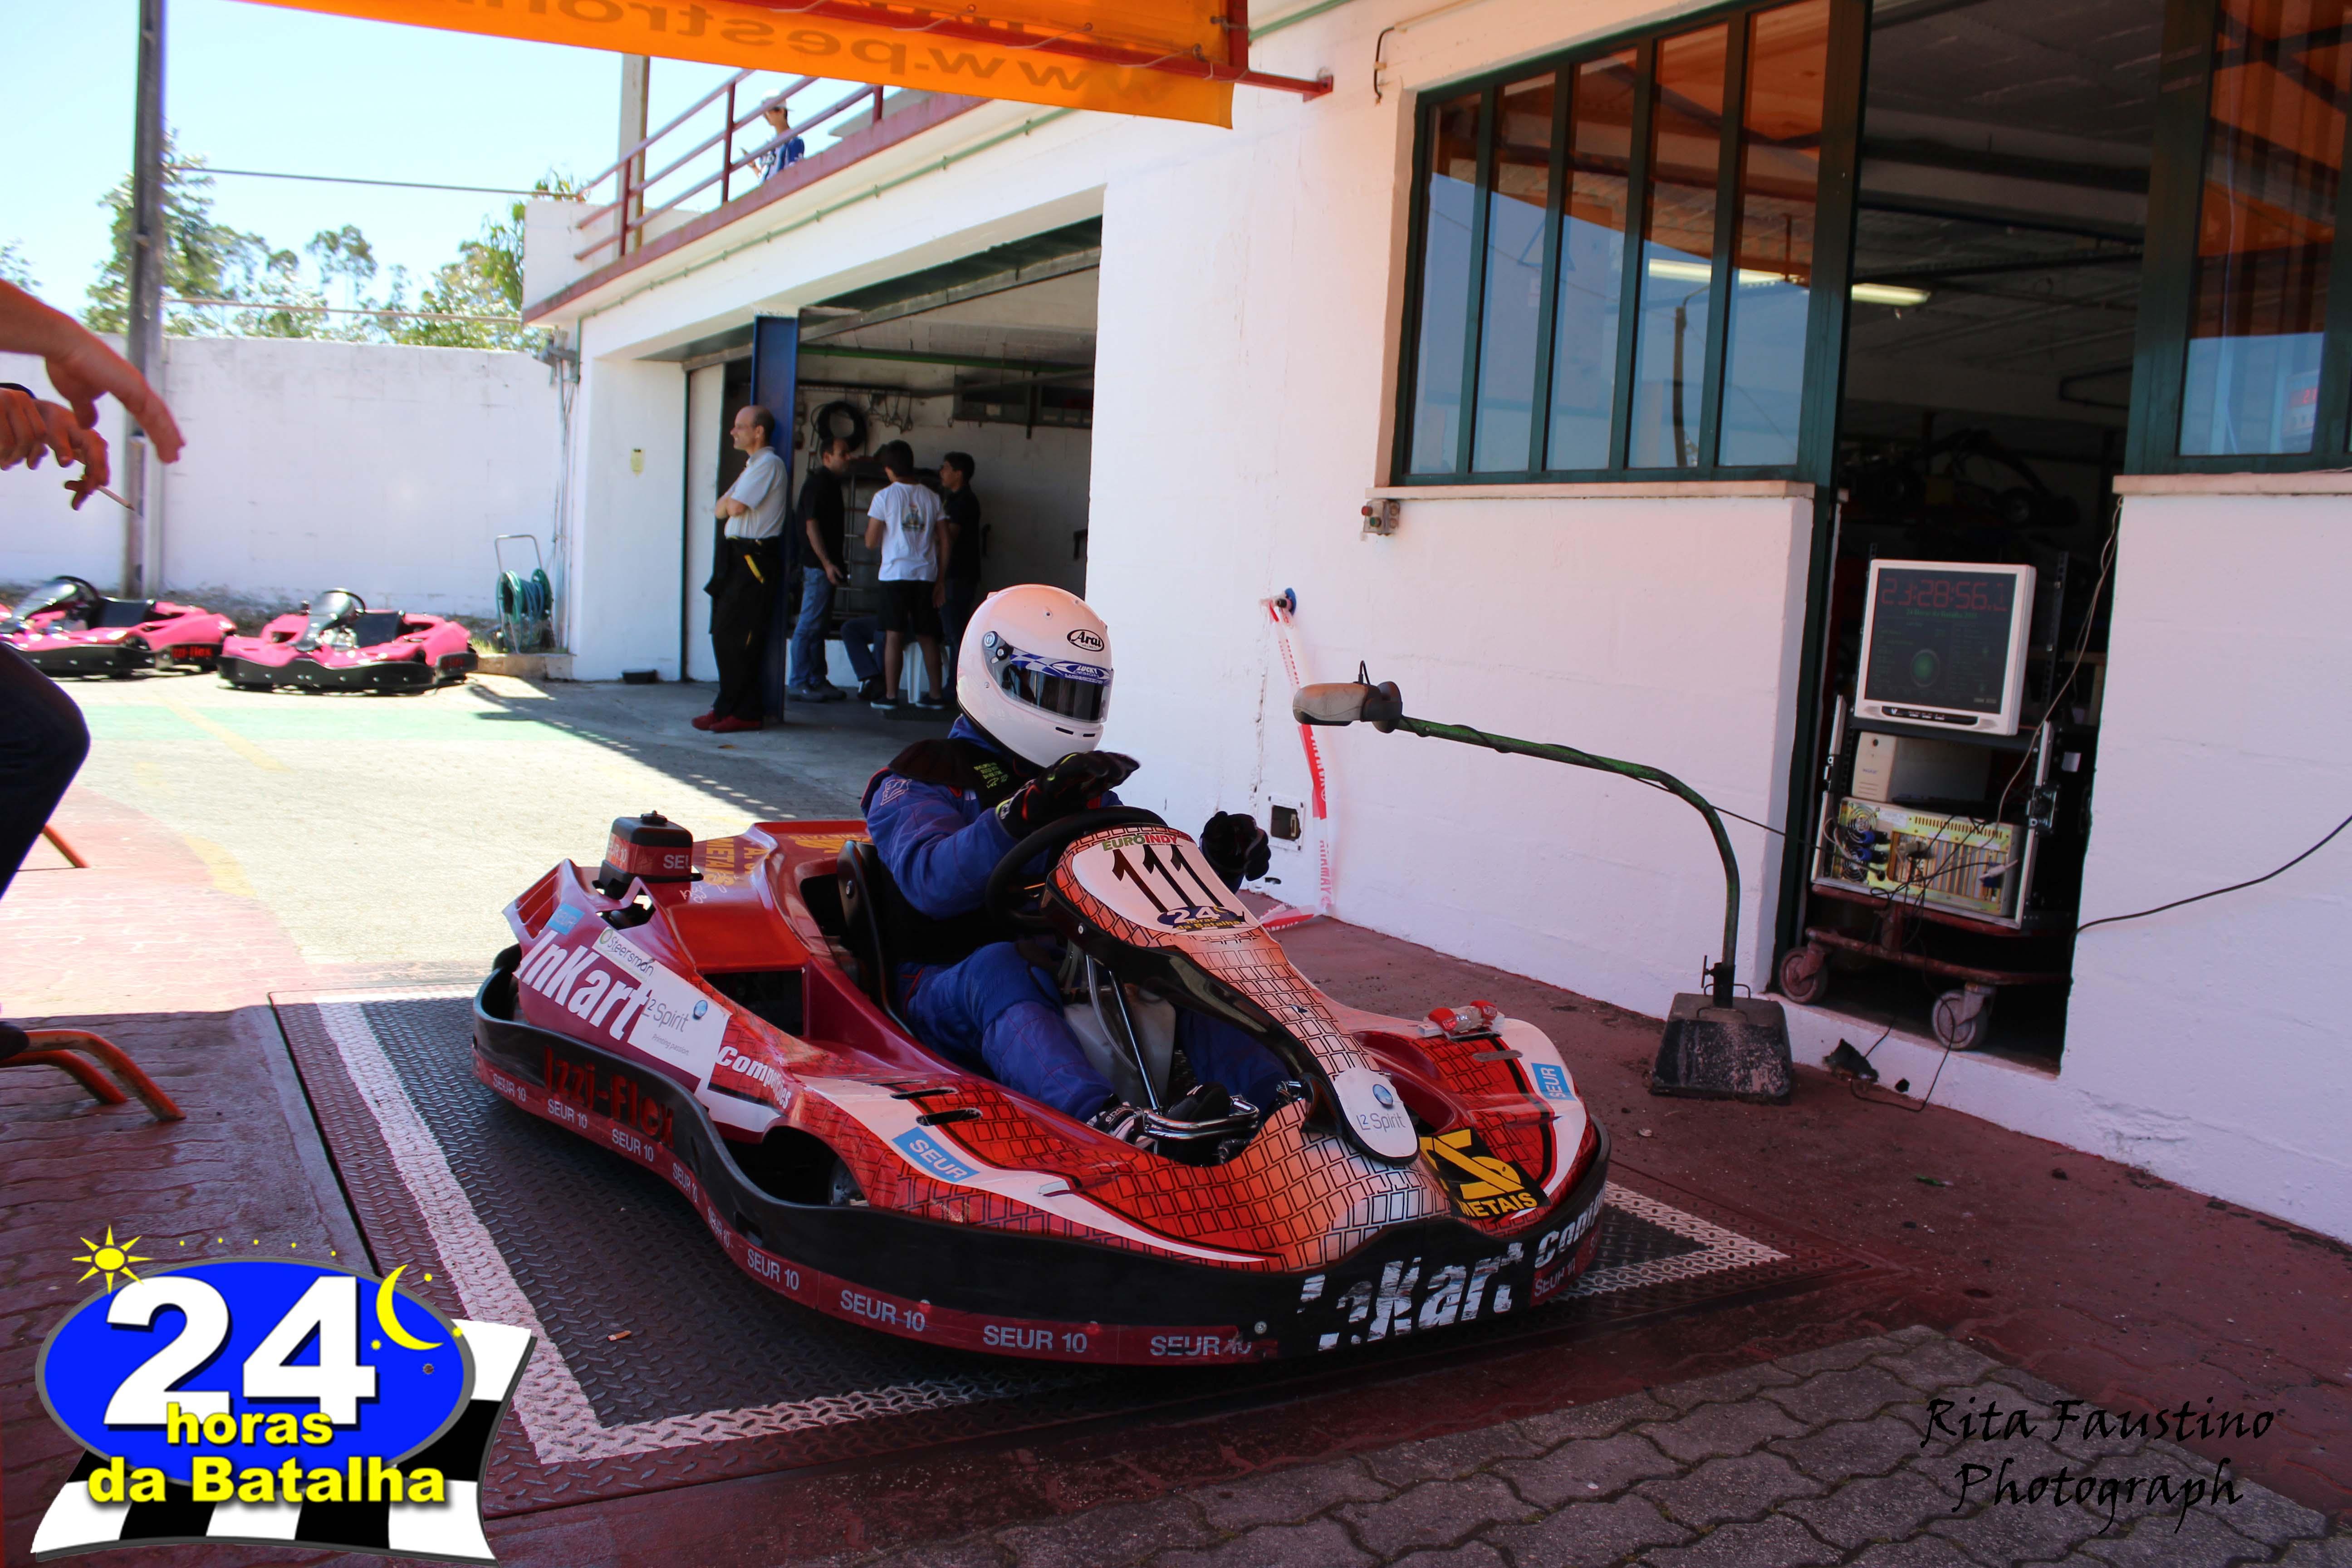 24 Horas da Batalha 2015 - Troca de pilotos112